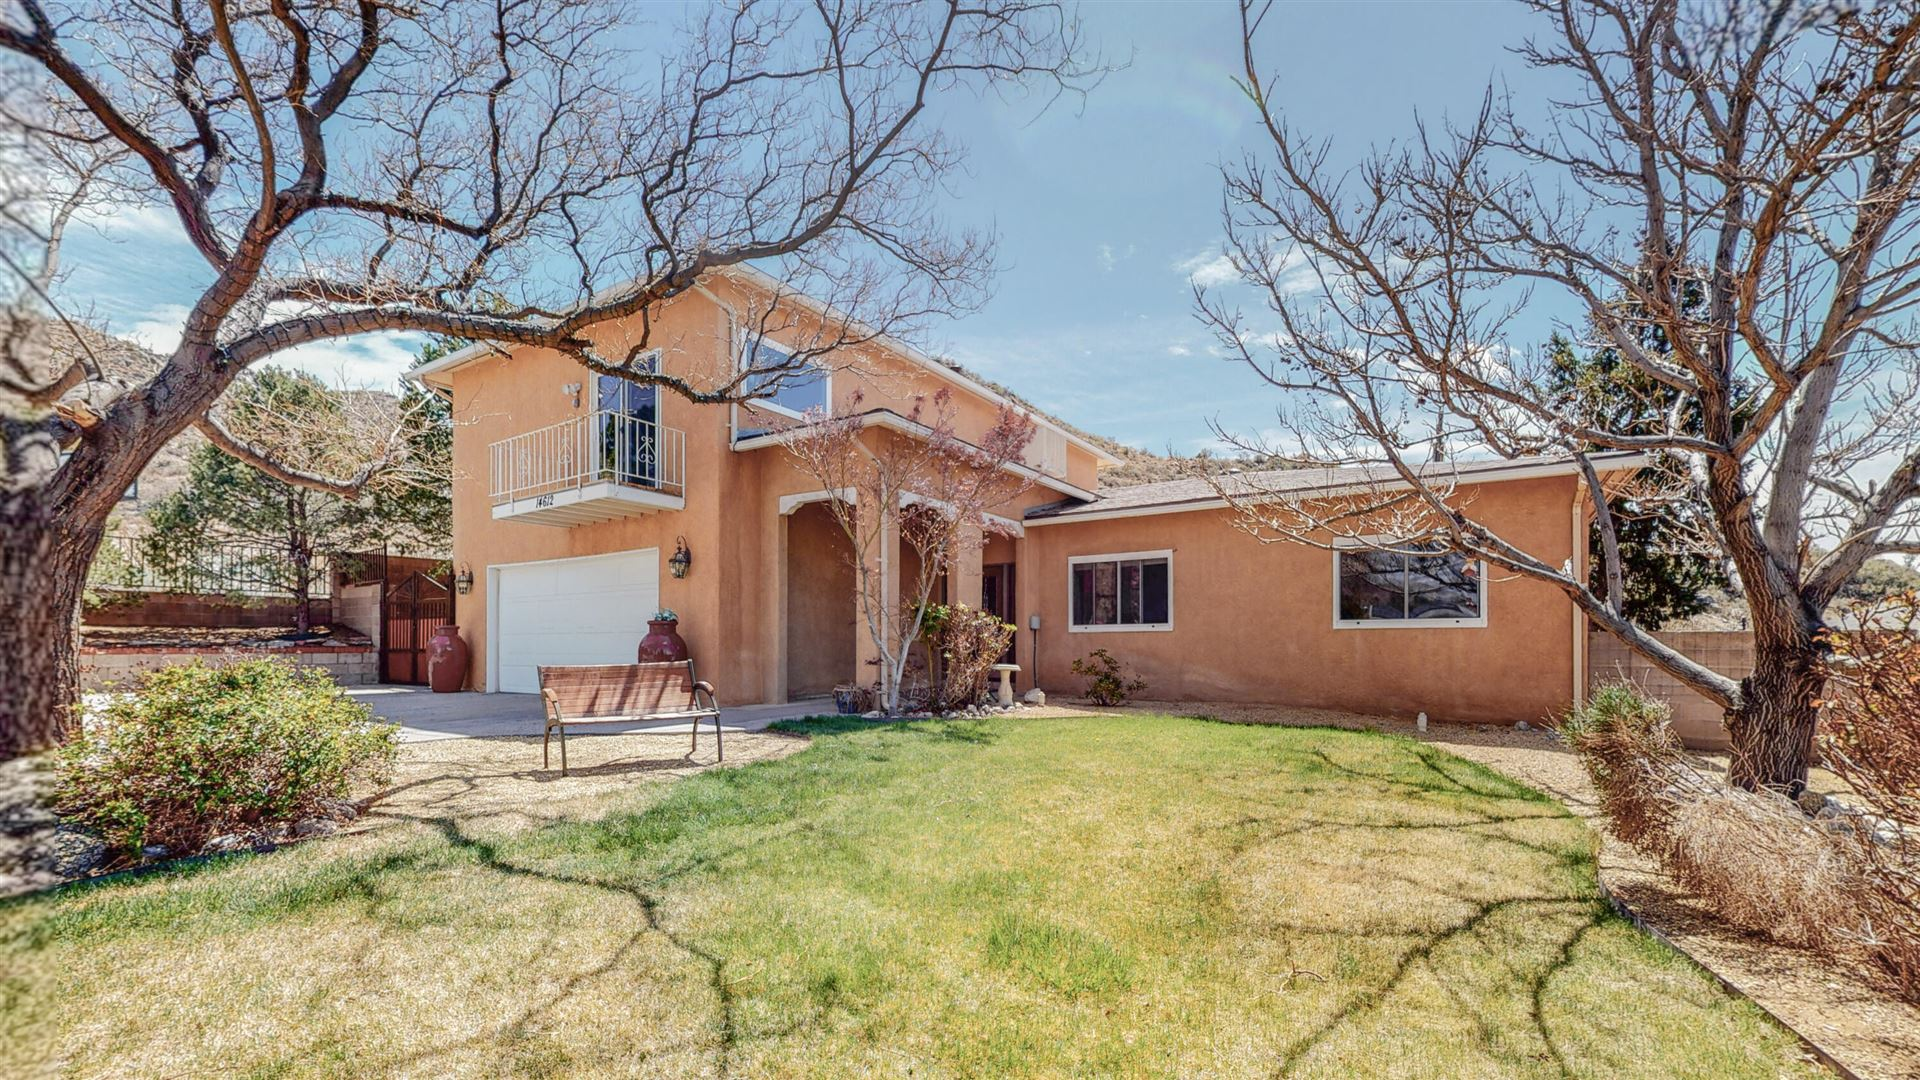 Photo of 14612 HILLDALE Road NE, Albuquerque, NM 87123 (MLS # 989893)